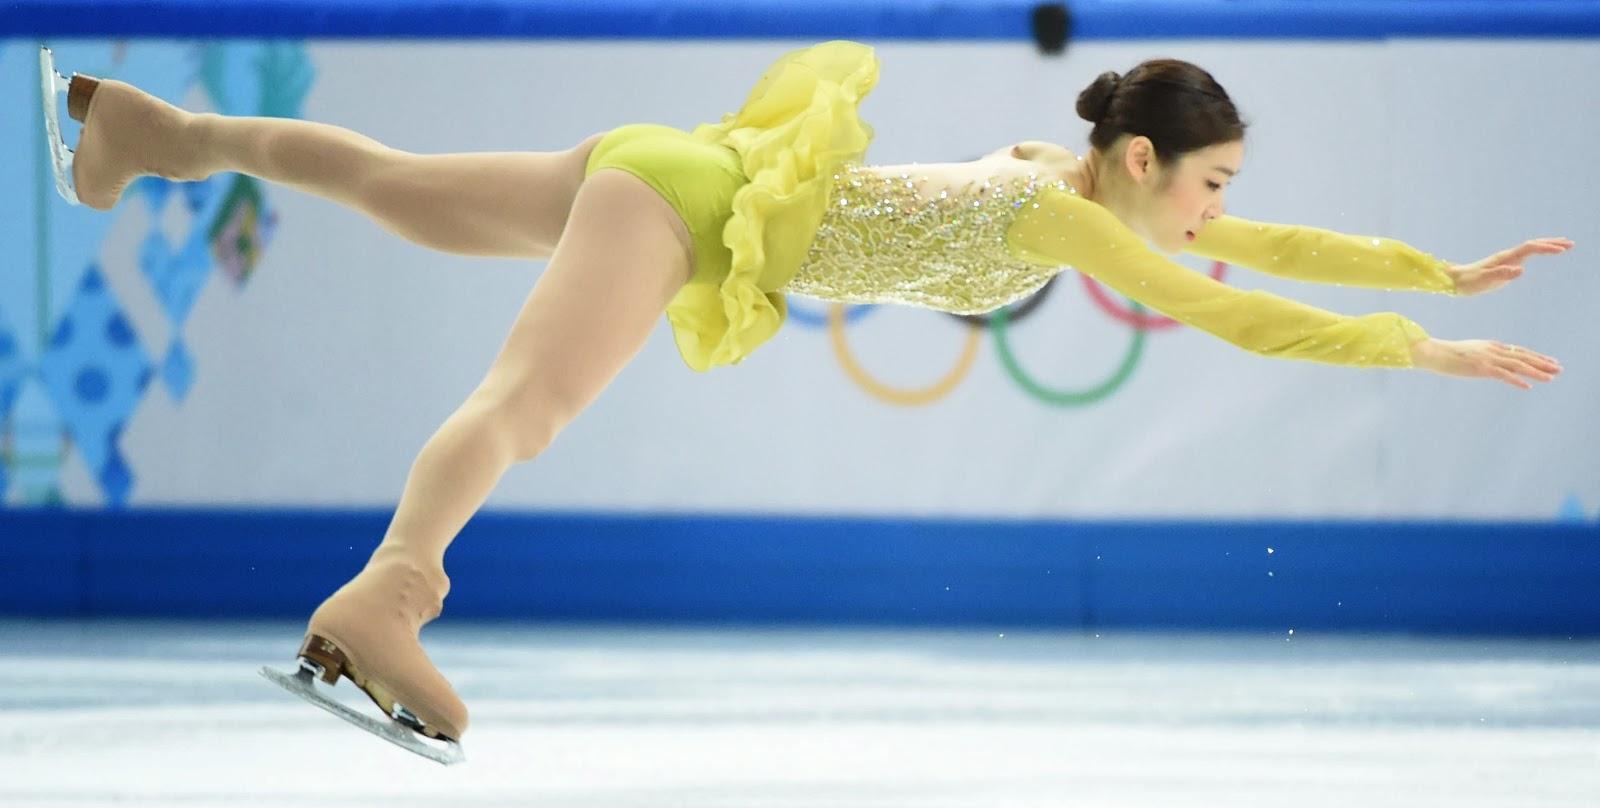 Yuna Kim, sochi 2014,figure skating